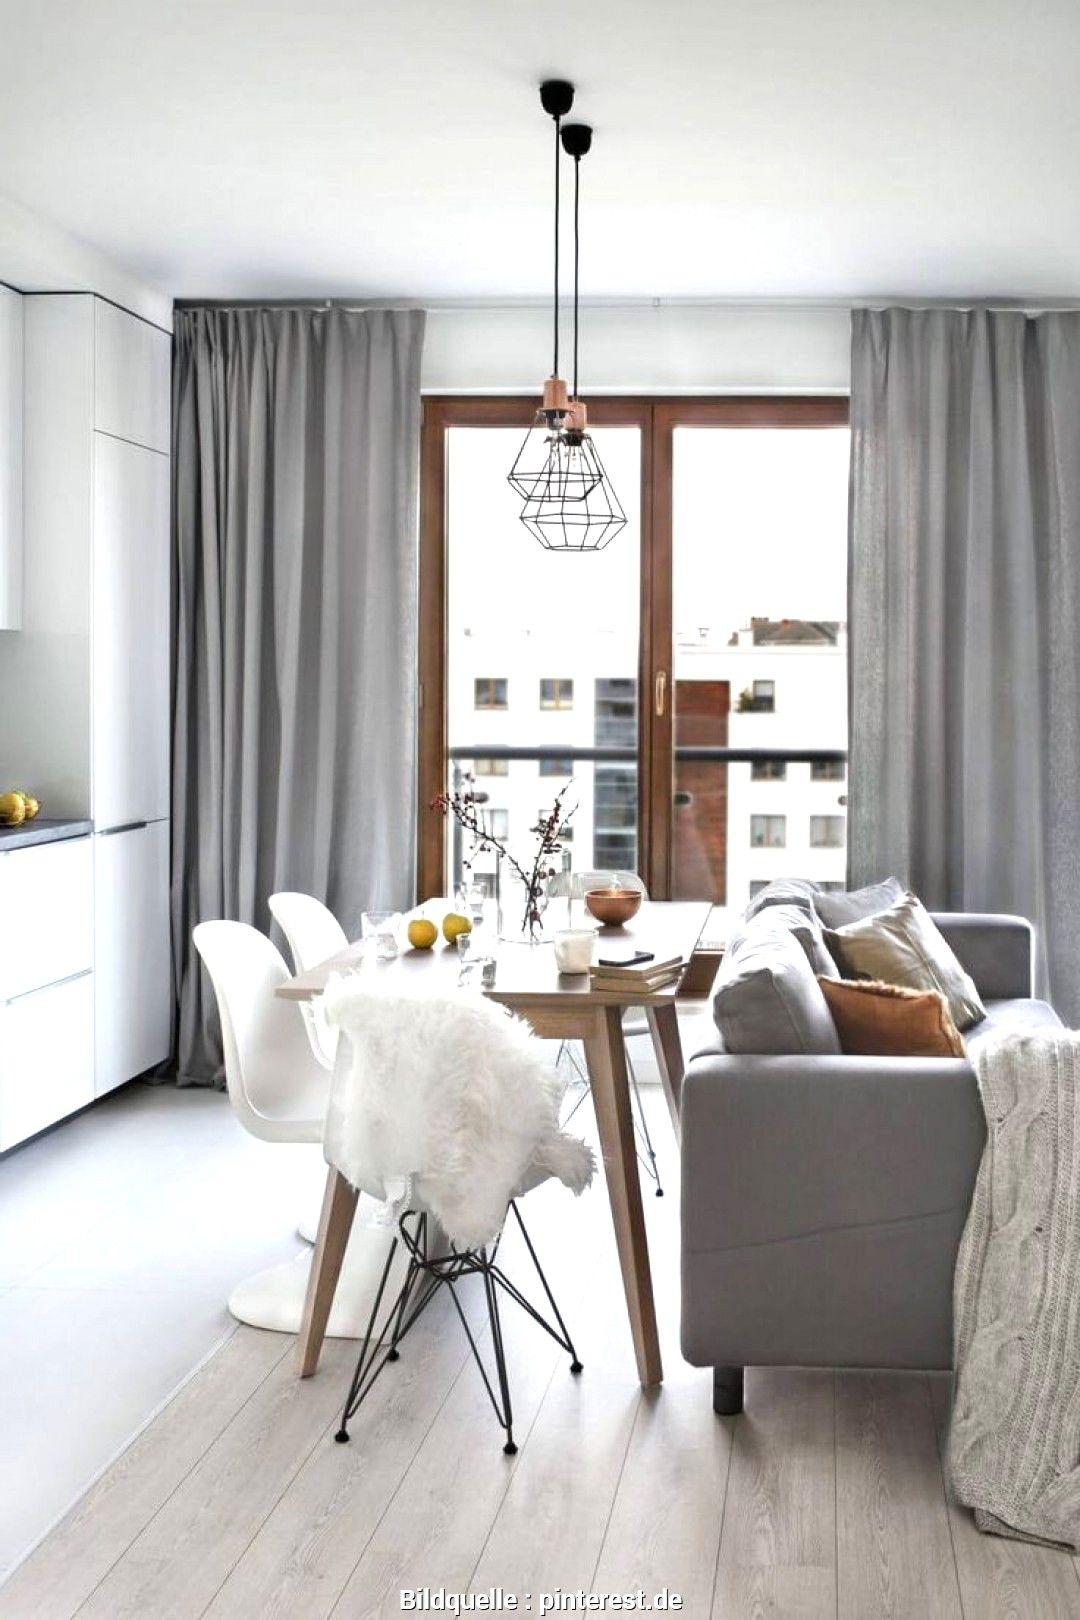 Vorhang Besten Modern Wohnzimmer Mostrar Livro Idea Auf Verdoppeln Mit H Gardinen Wohnzimmer Dekor Alanlar Evler